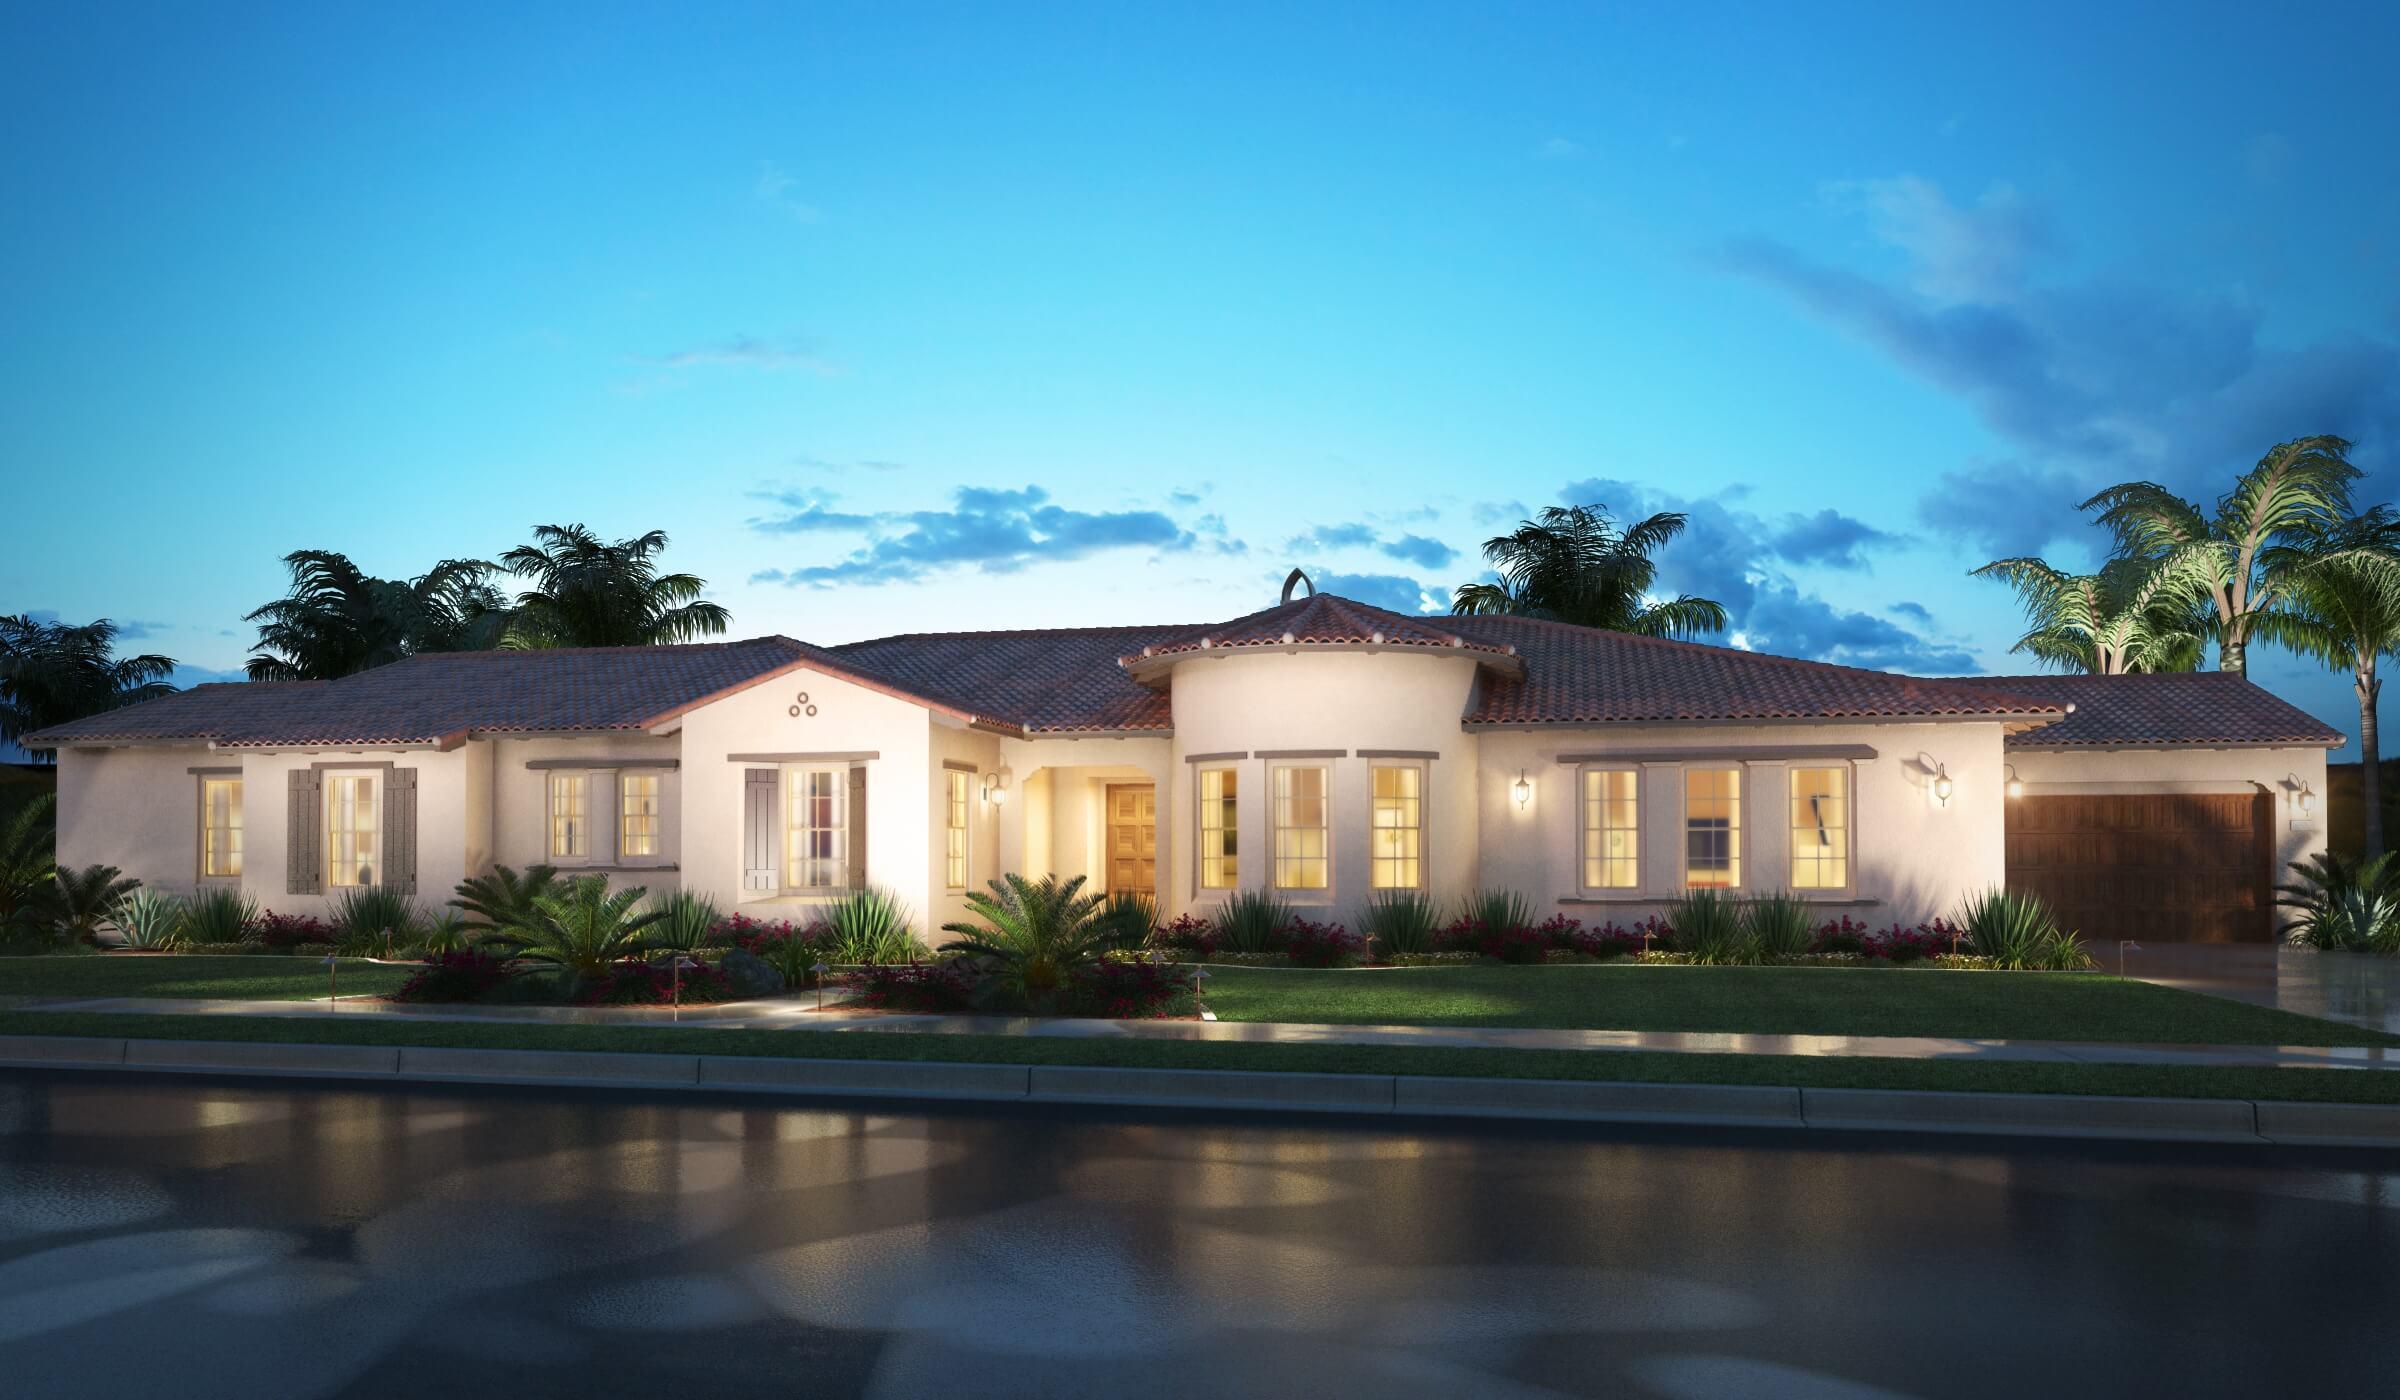 Additional photo for property listing at La Colina Estates - Residence 1 1203 Iris Lane Glendora, California 91741 United States